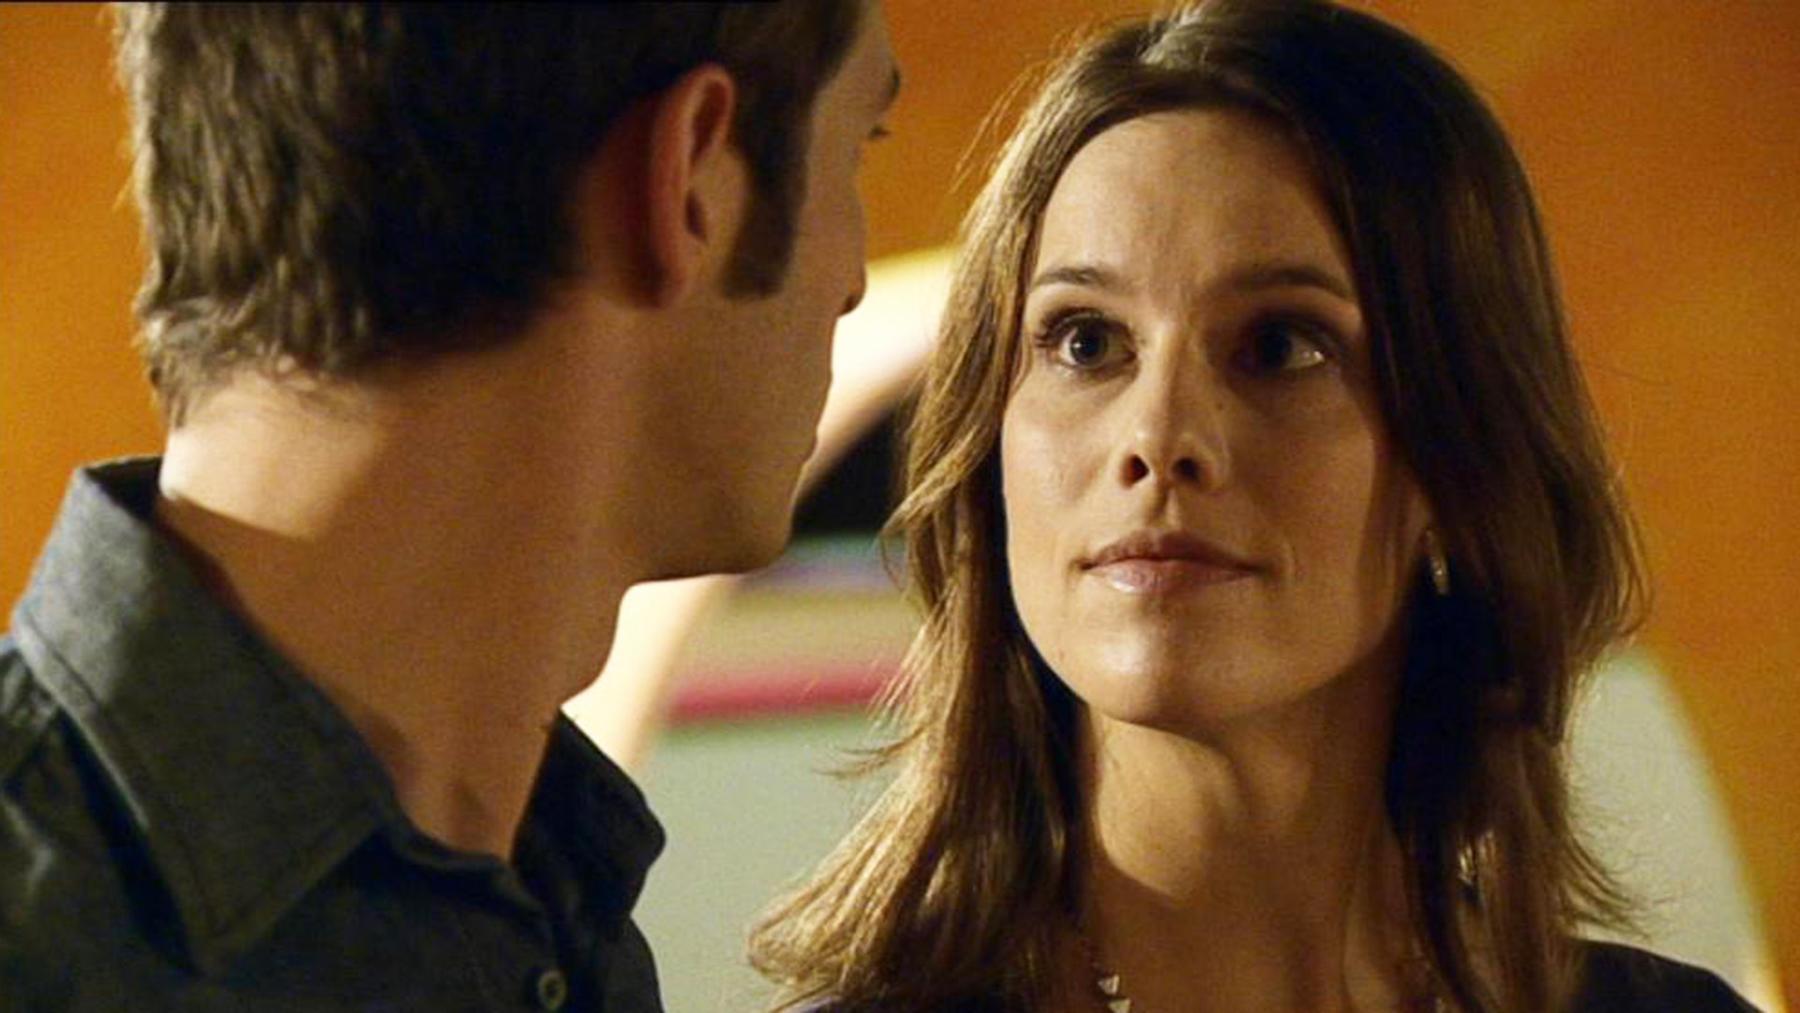 Simone erfährt, dass Lena und Mike ein Paar sind.